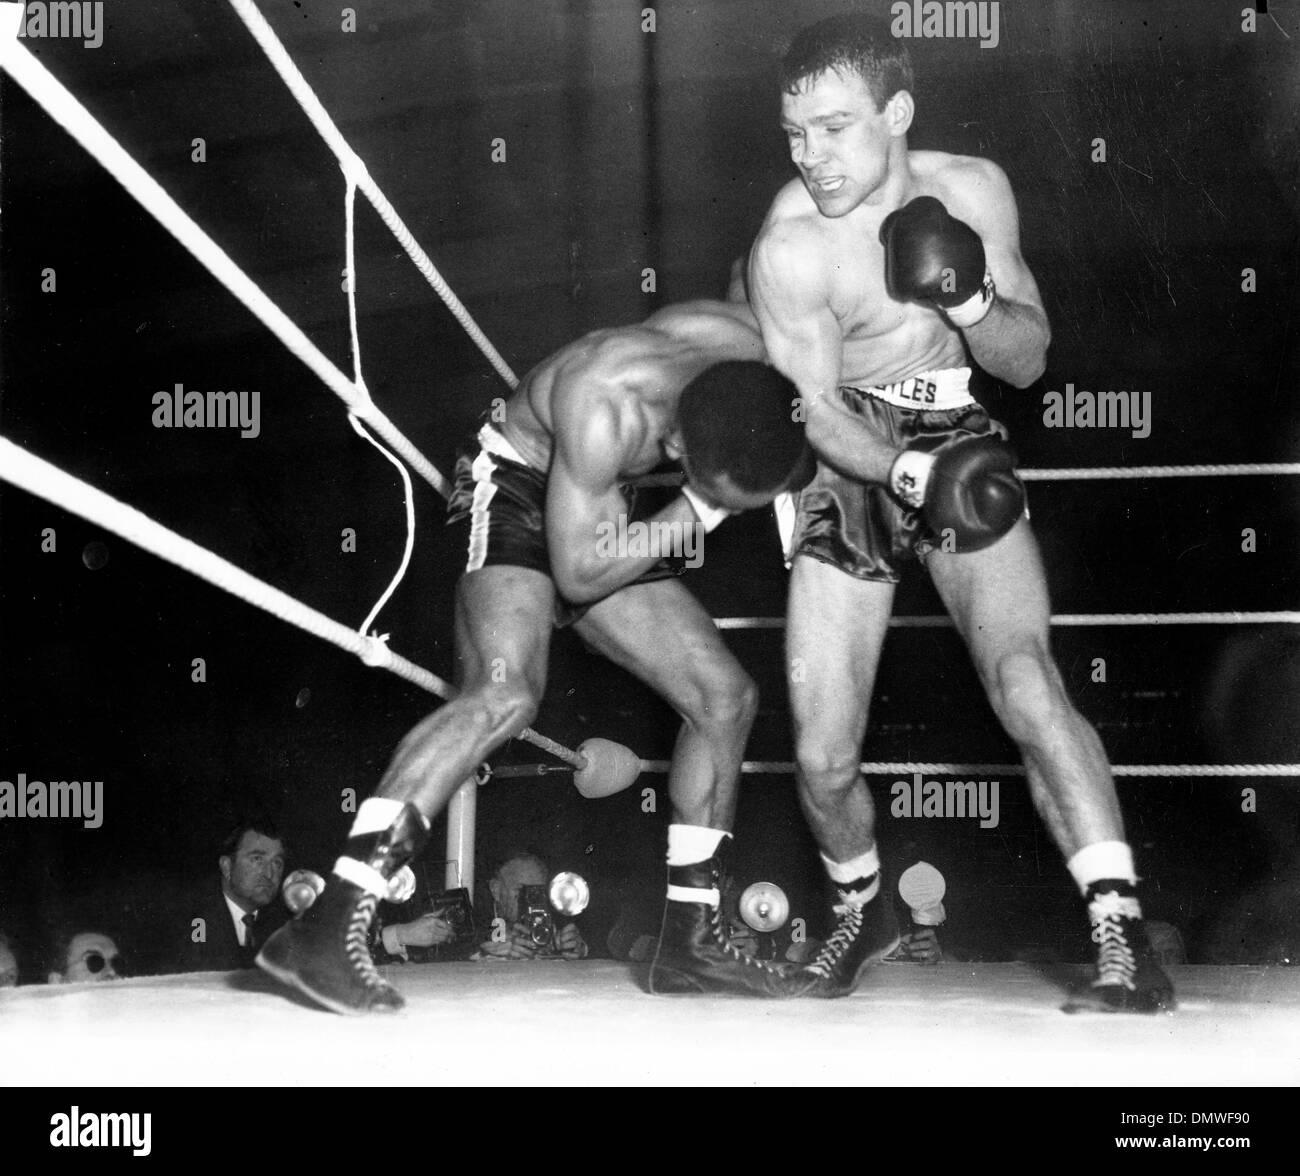 El 22 de febrero, 1961 - Londres, Inglaterra, Reino Unido - DAVE CHARNLEY era un boxeador ligero en inglés. Conocido Foto de stock